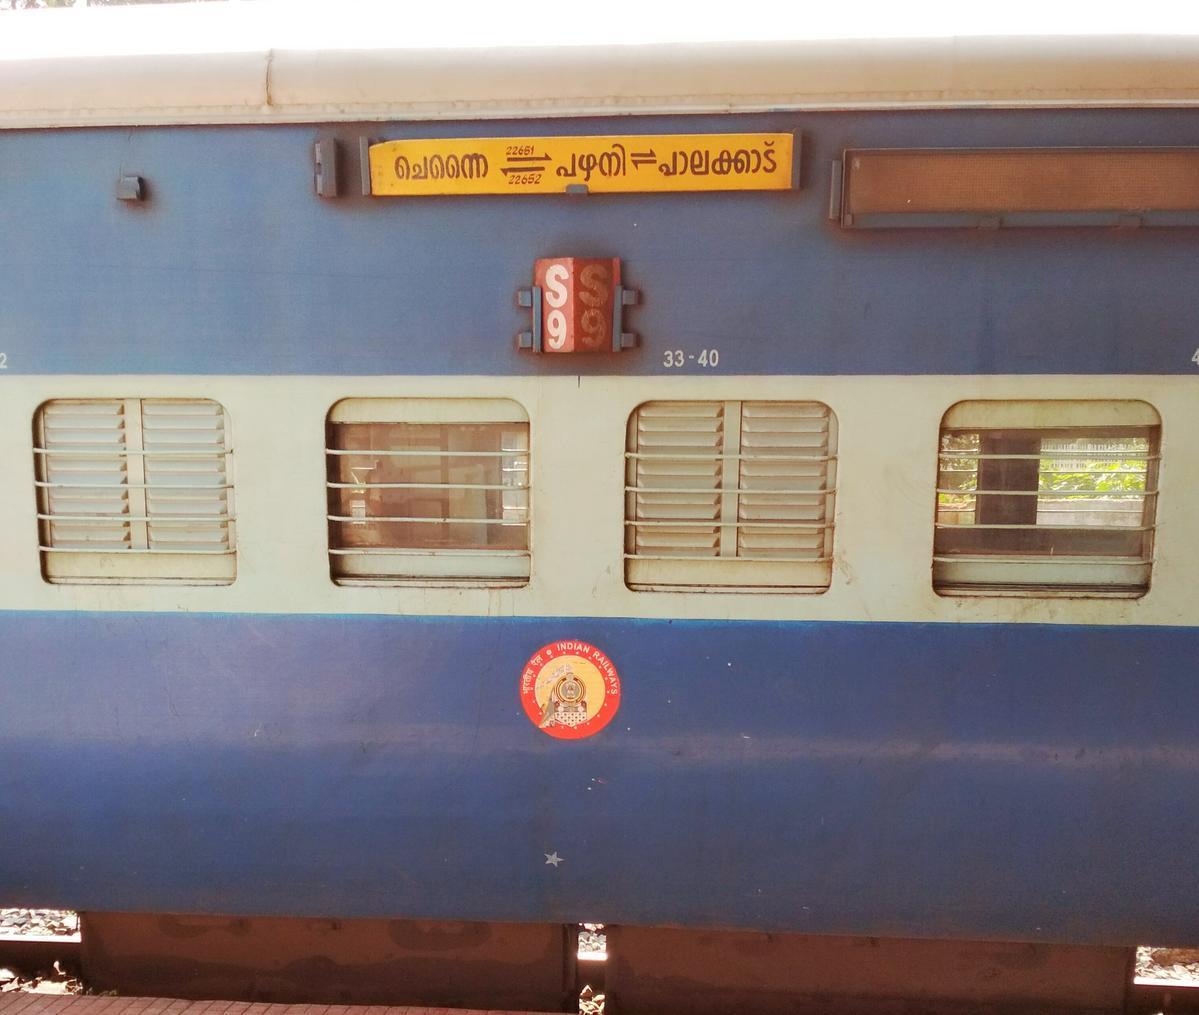 22651/MGR Chennai Central - Palakkad Junction SF Express